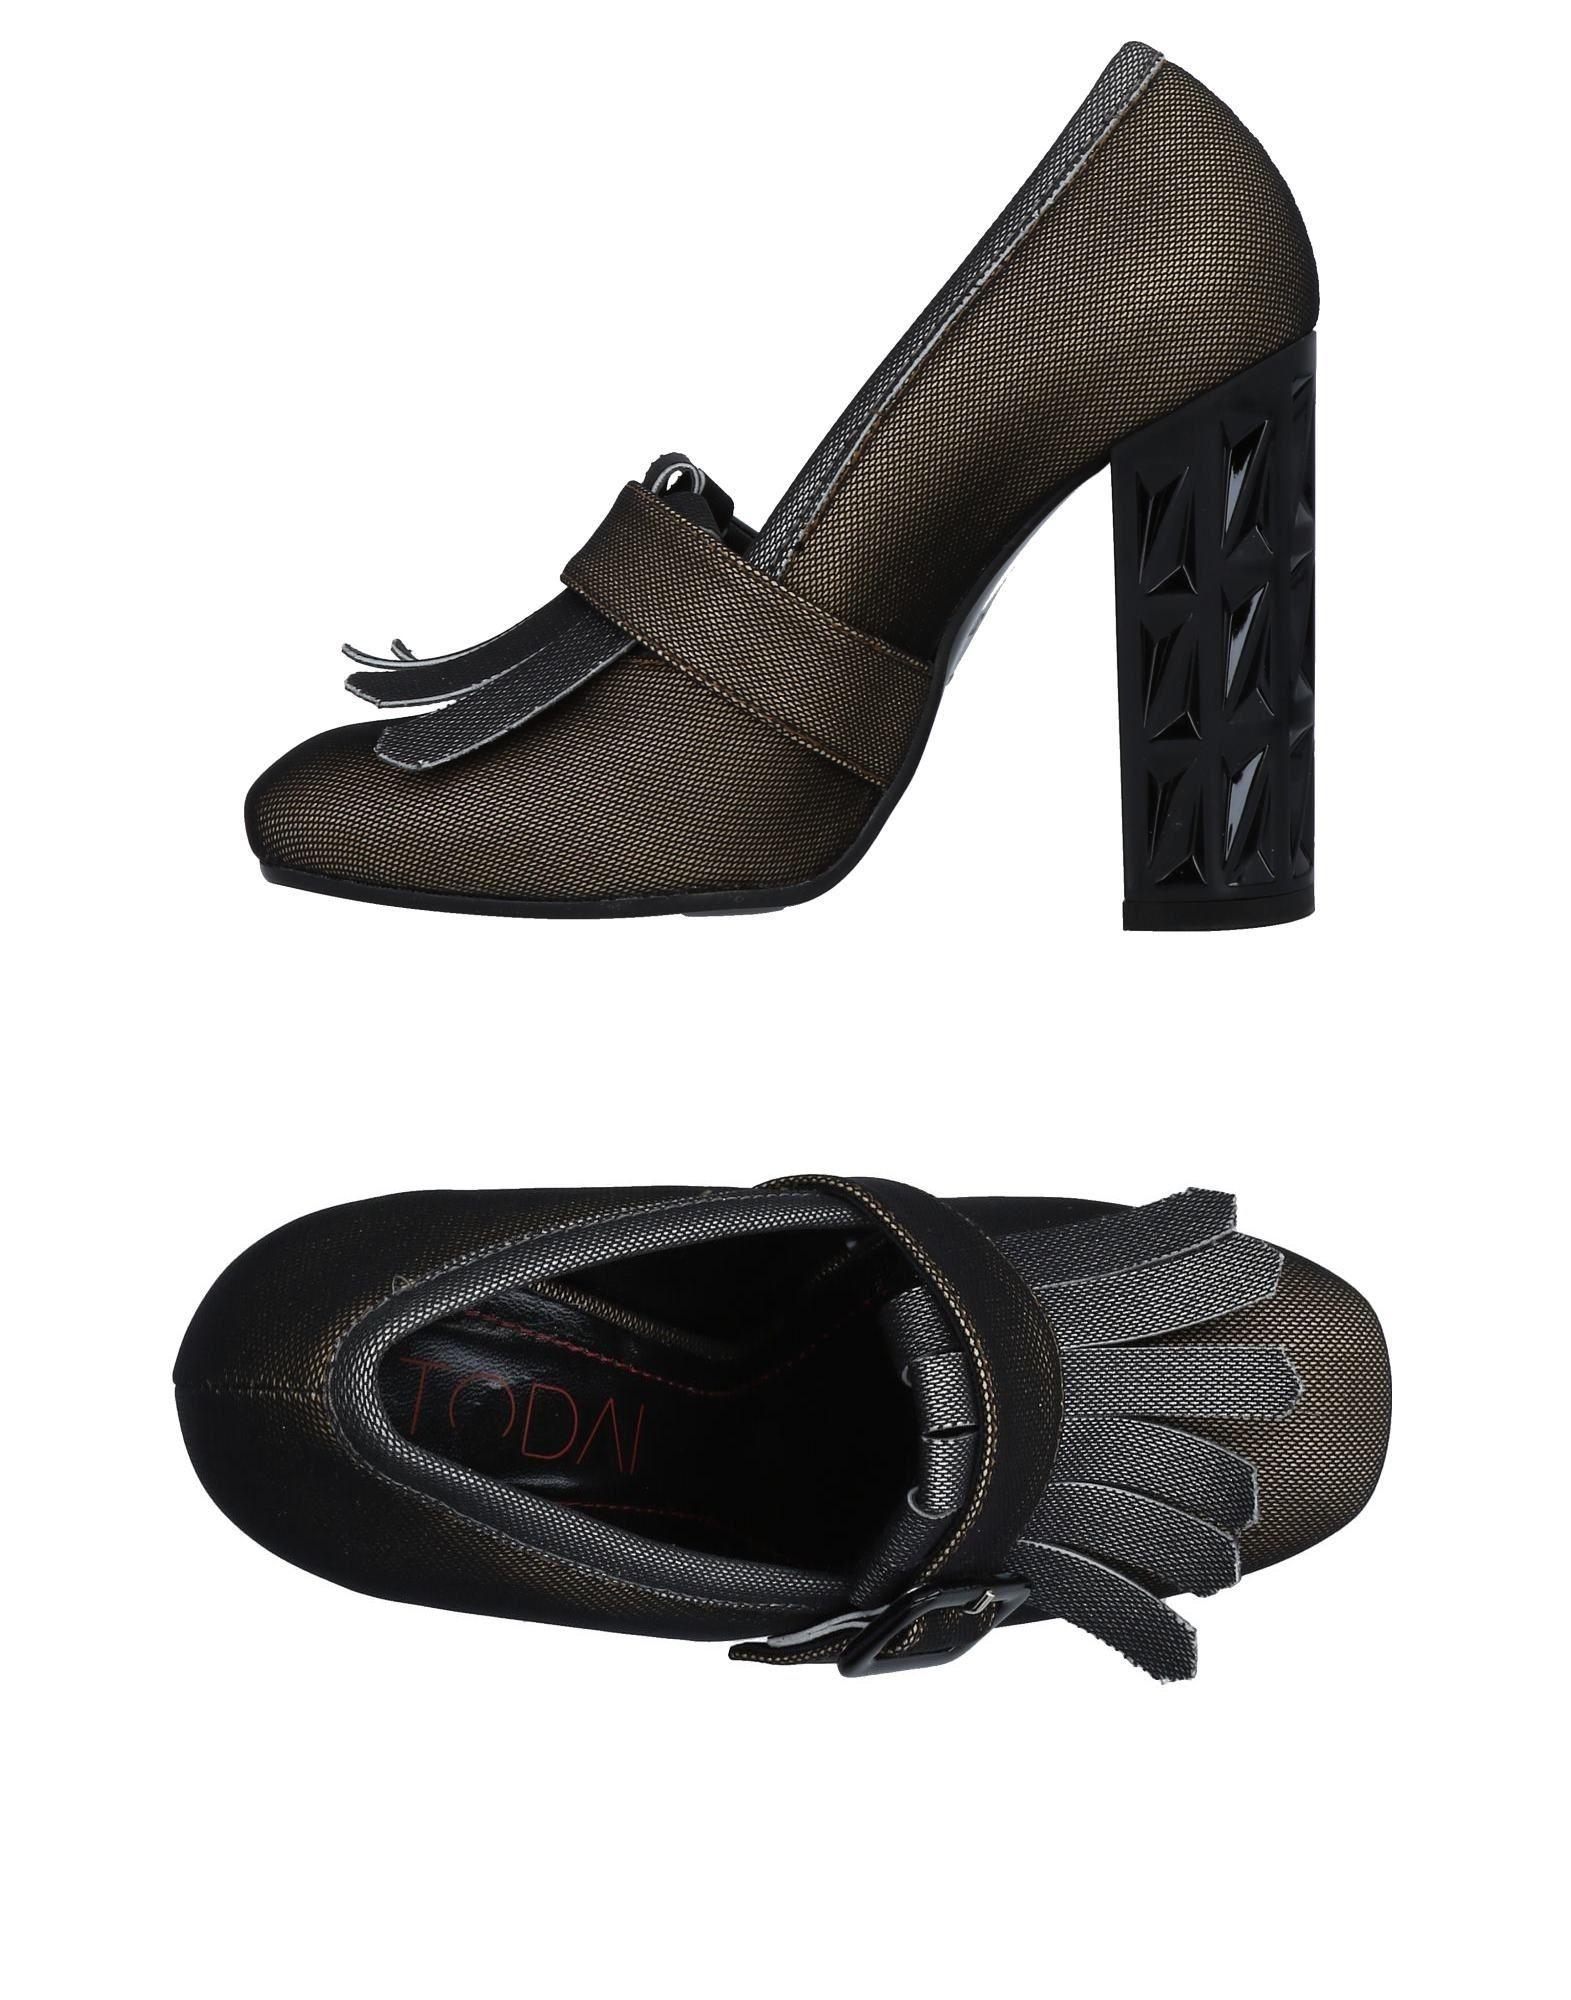 Todai Mokassins Damen  11484429JD Gute Qualität beliebte Schuhe